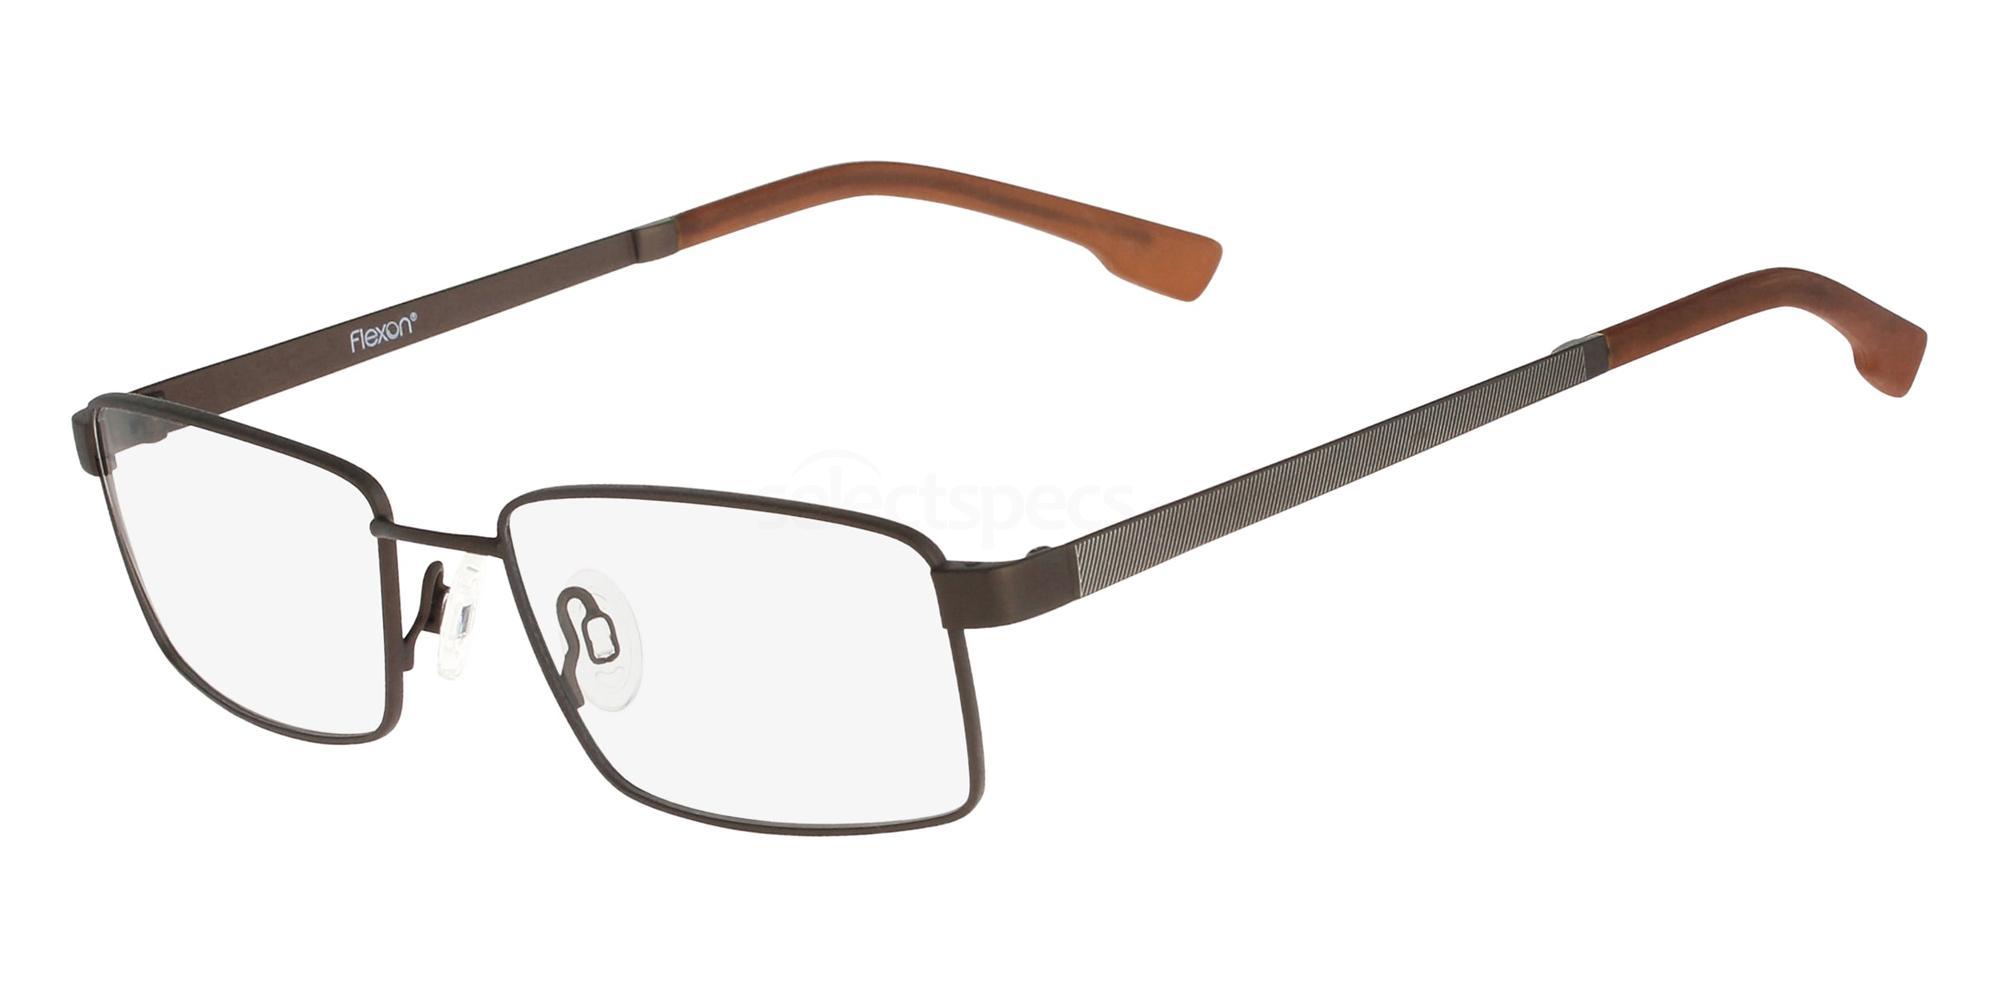 210 FLEXON E1028 Glasses, Flexon